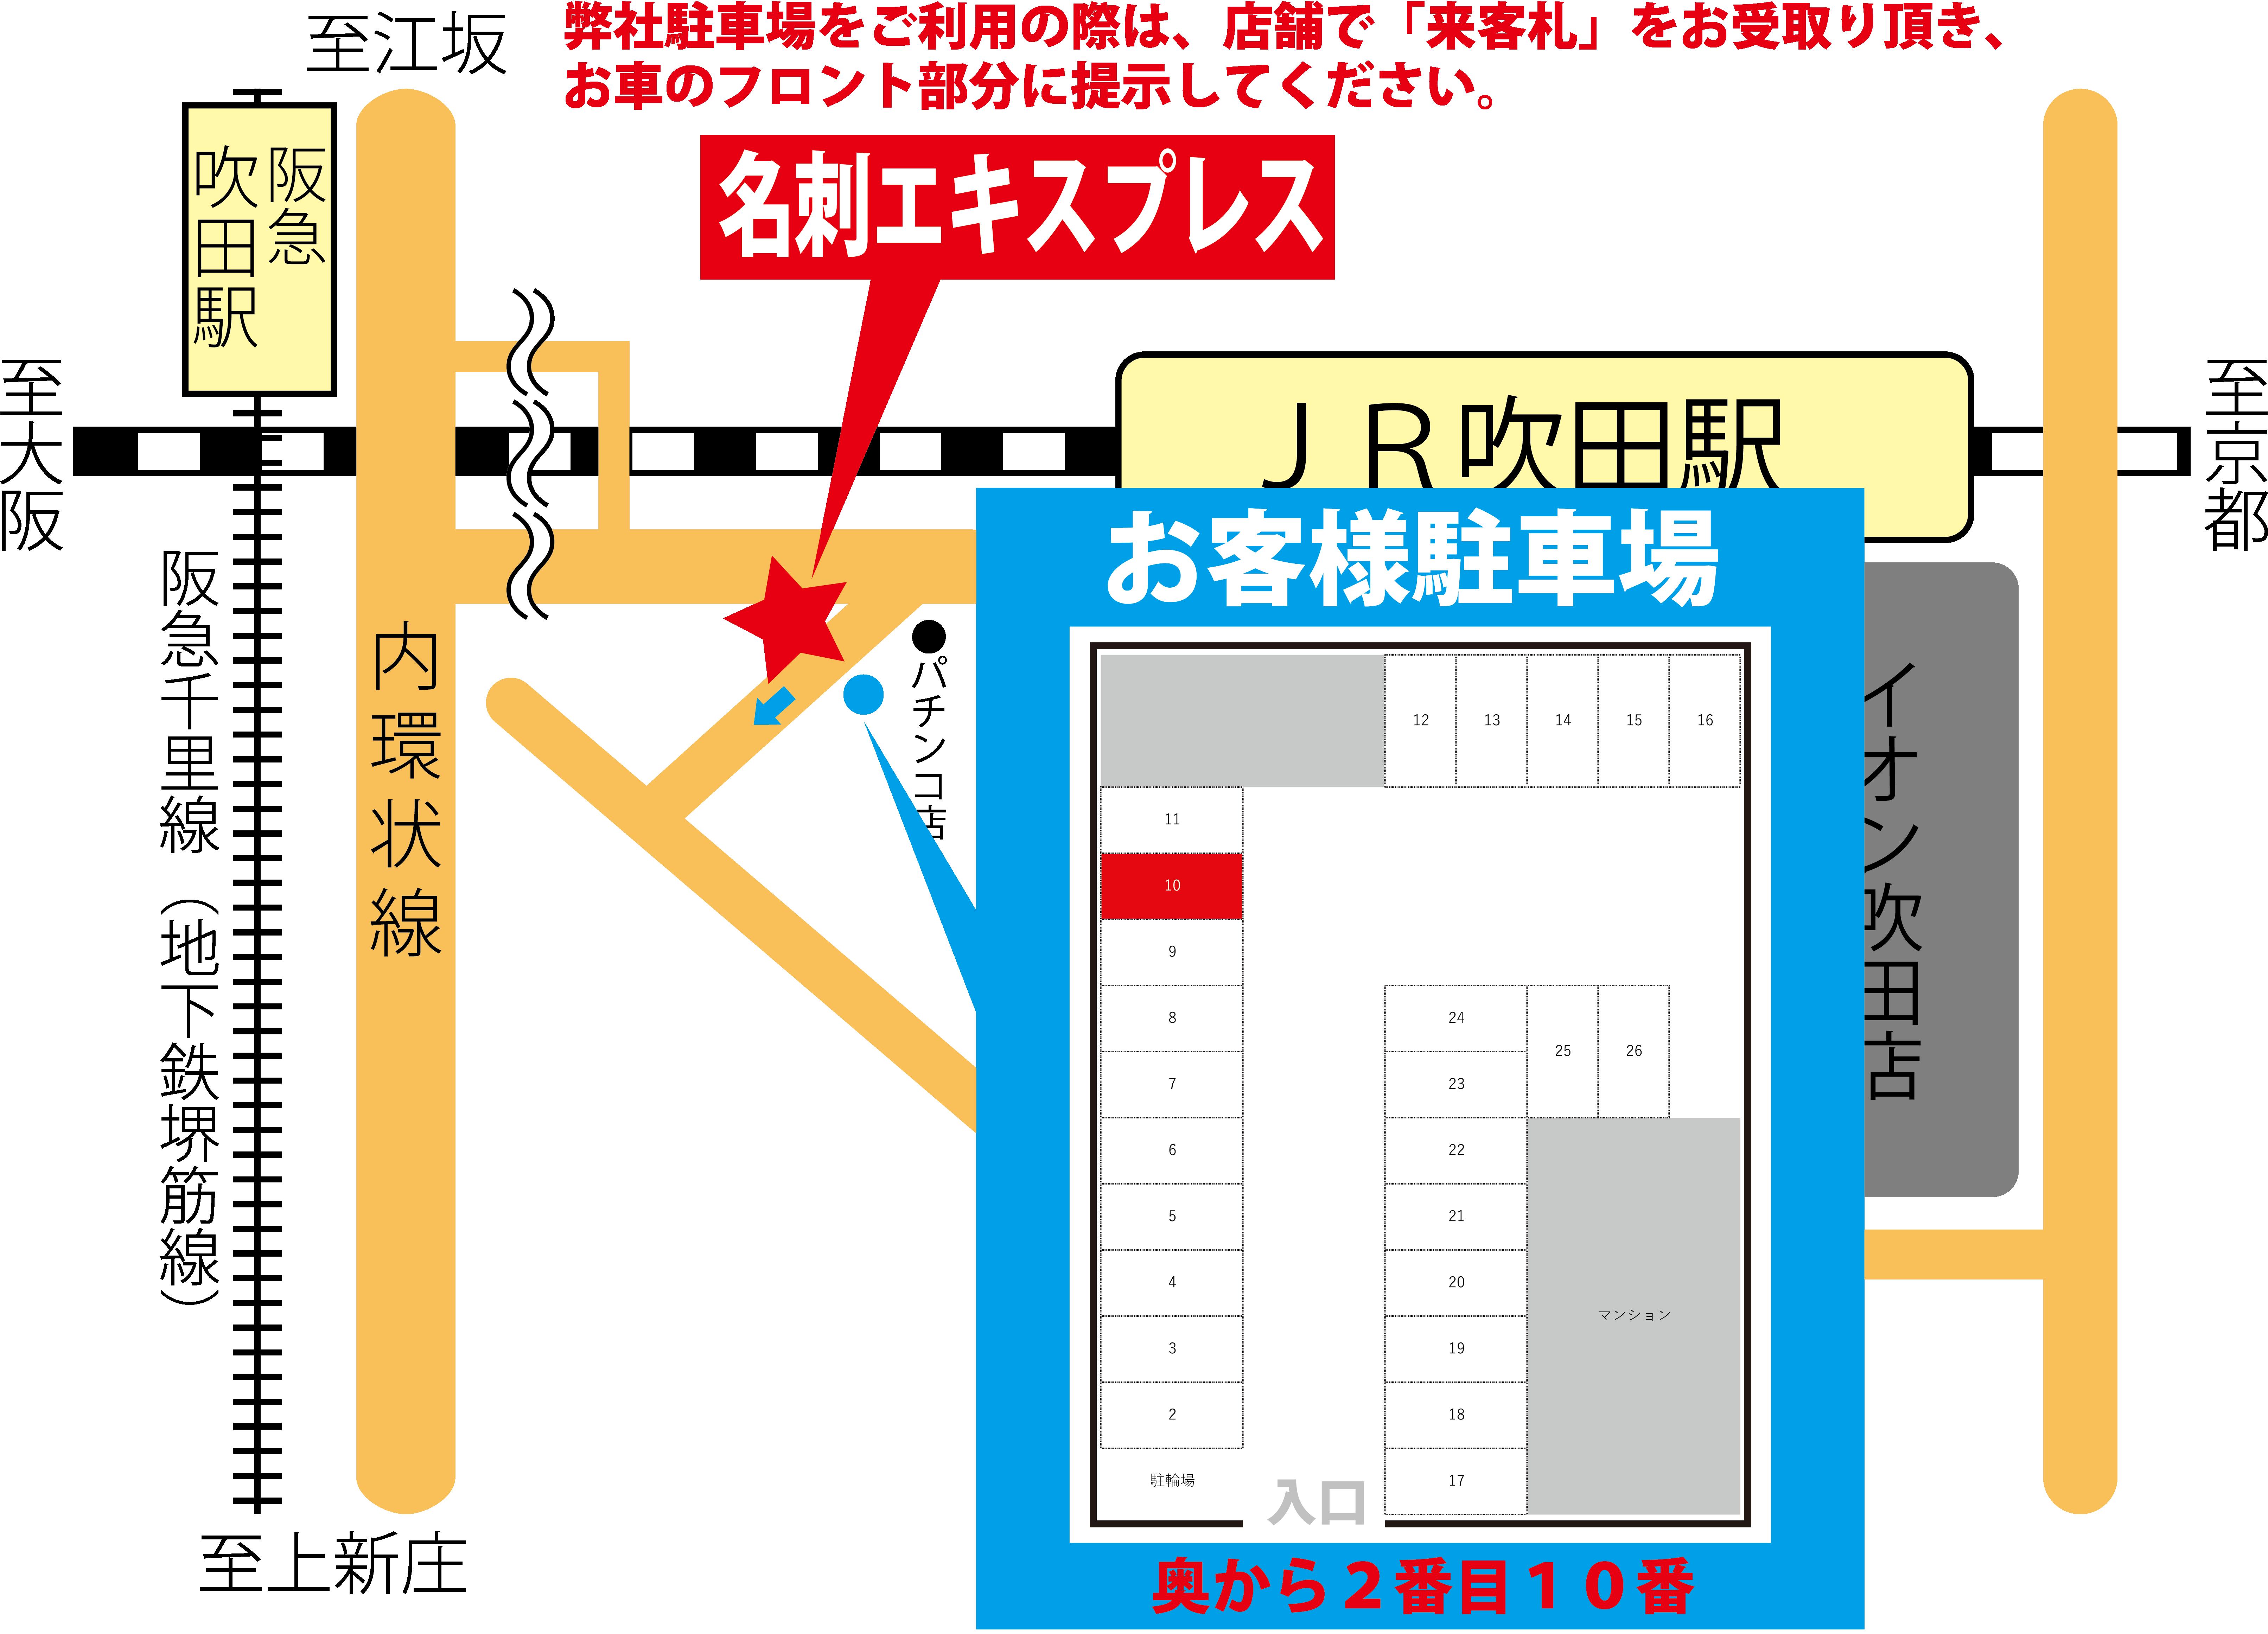 スピード名刺・特急名刺印刷の名刺エキスプレス大阪本社・提携駐車場案内図